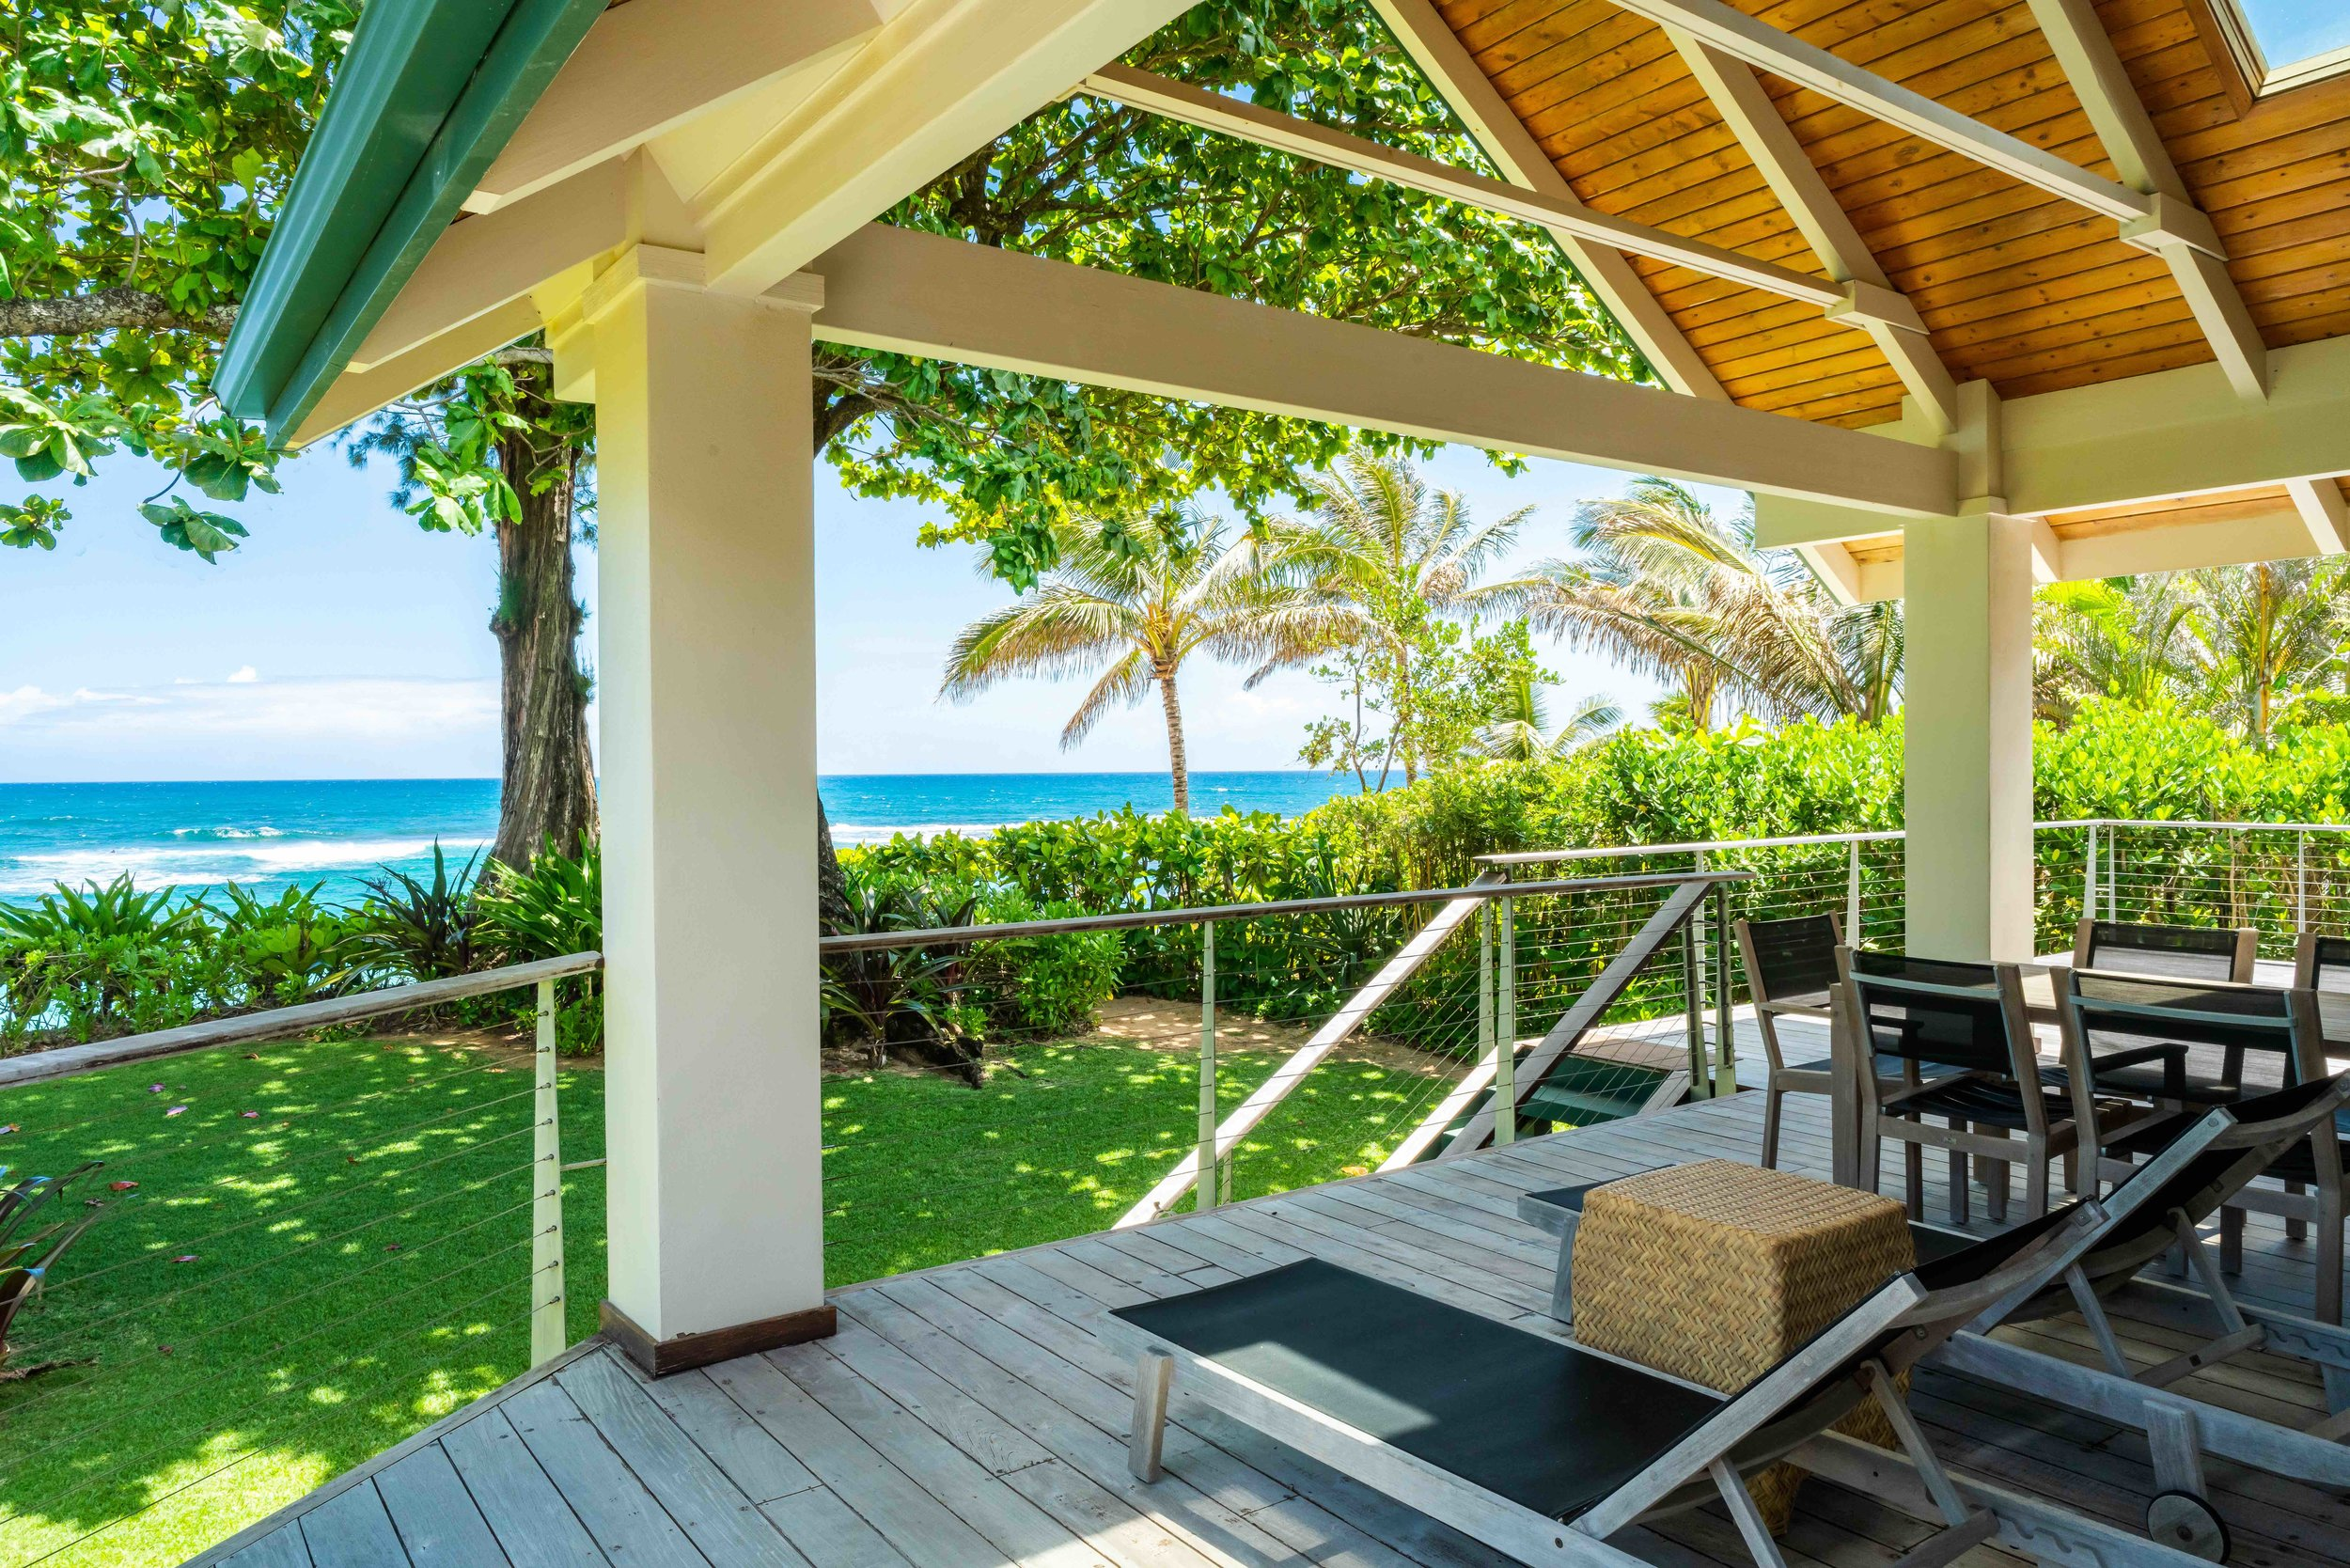 Kauai Home Rental